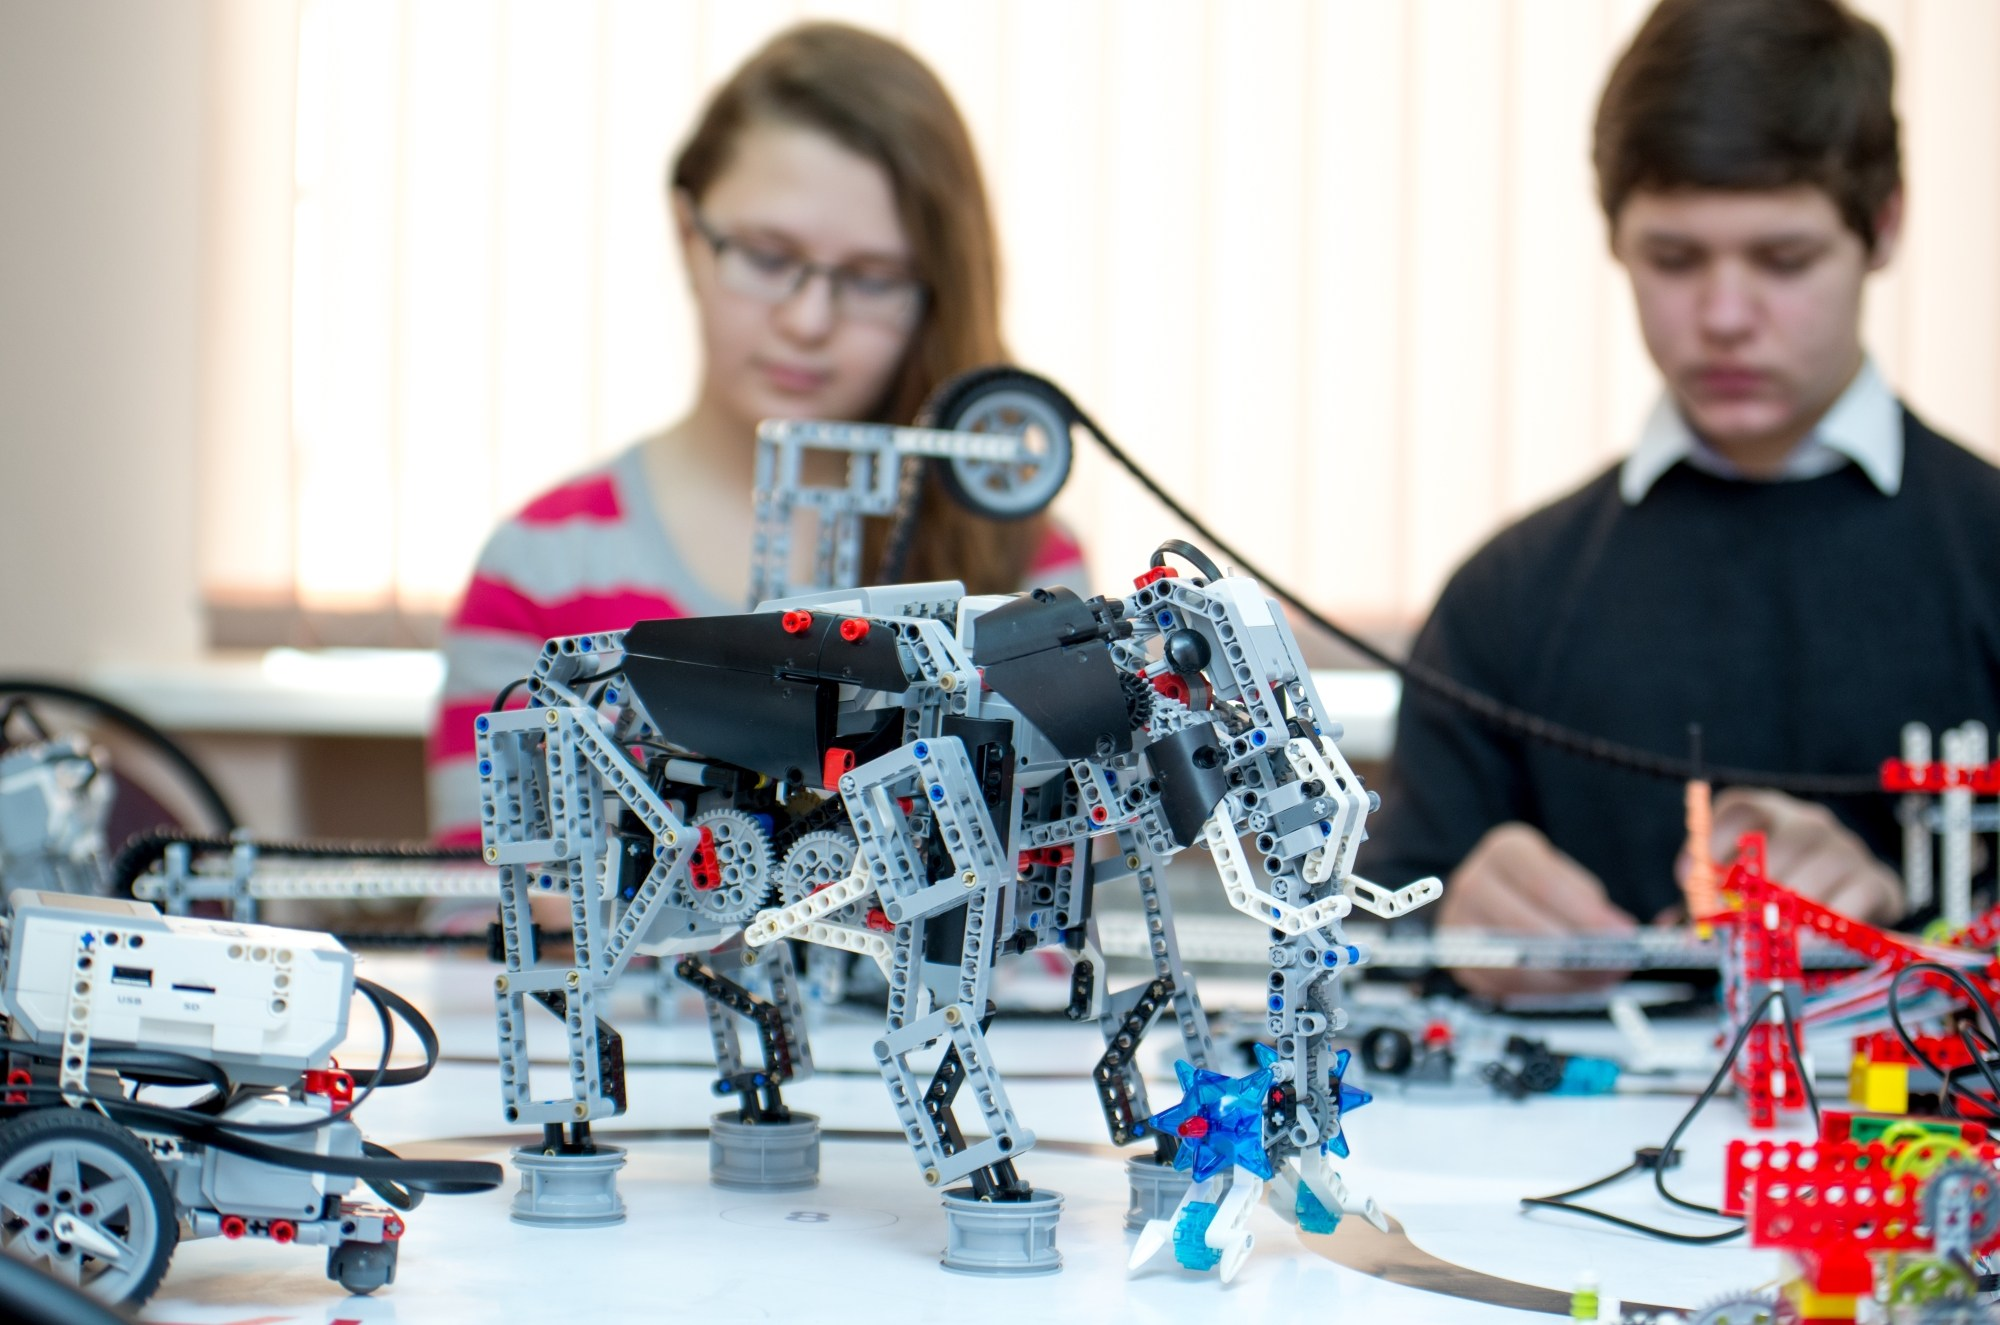 Лаборатория робототехники появится в одной из школ Караганды